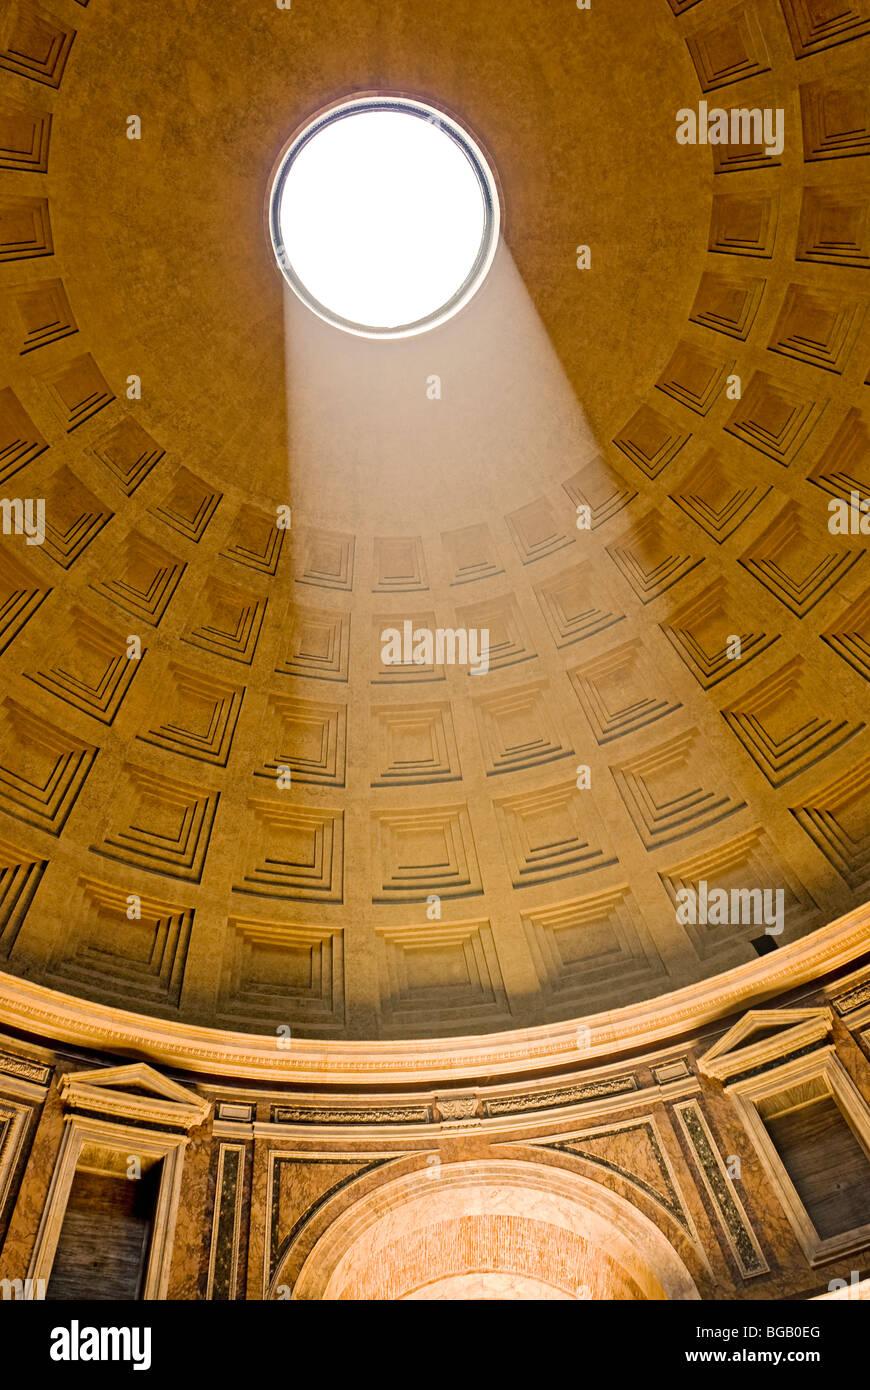 Rome, Italie. Intérieur du Panthéon à la Piazza della Rotonda l'Oculus et le plafond à caissons. Banque D'Images